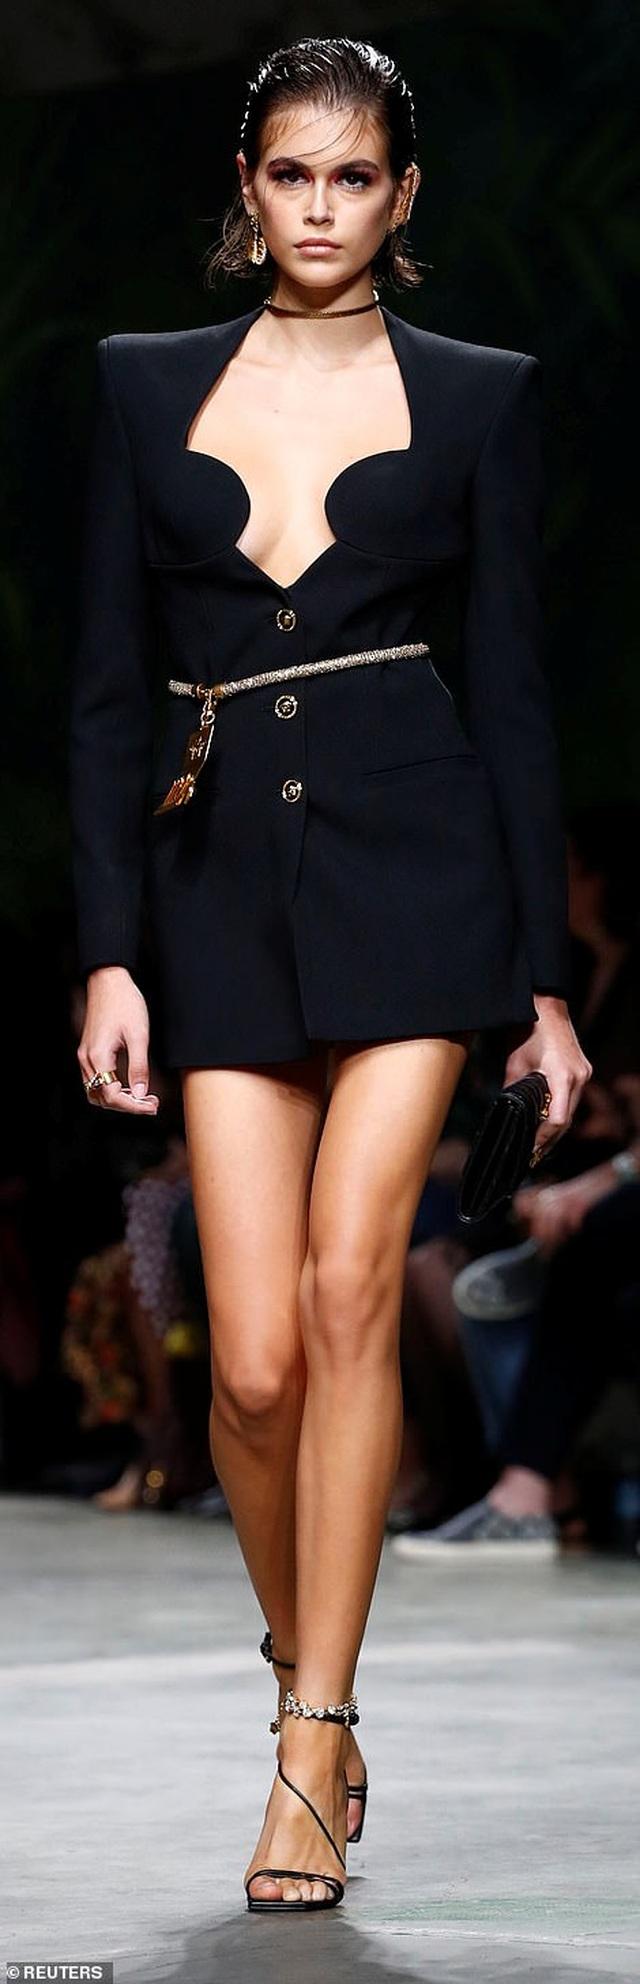 Irina Shayk quyến rũ với váy ngắn - 10